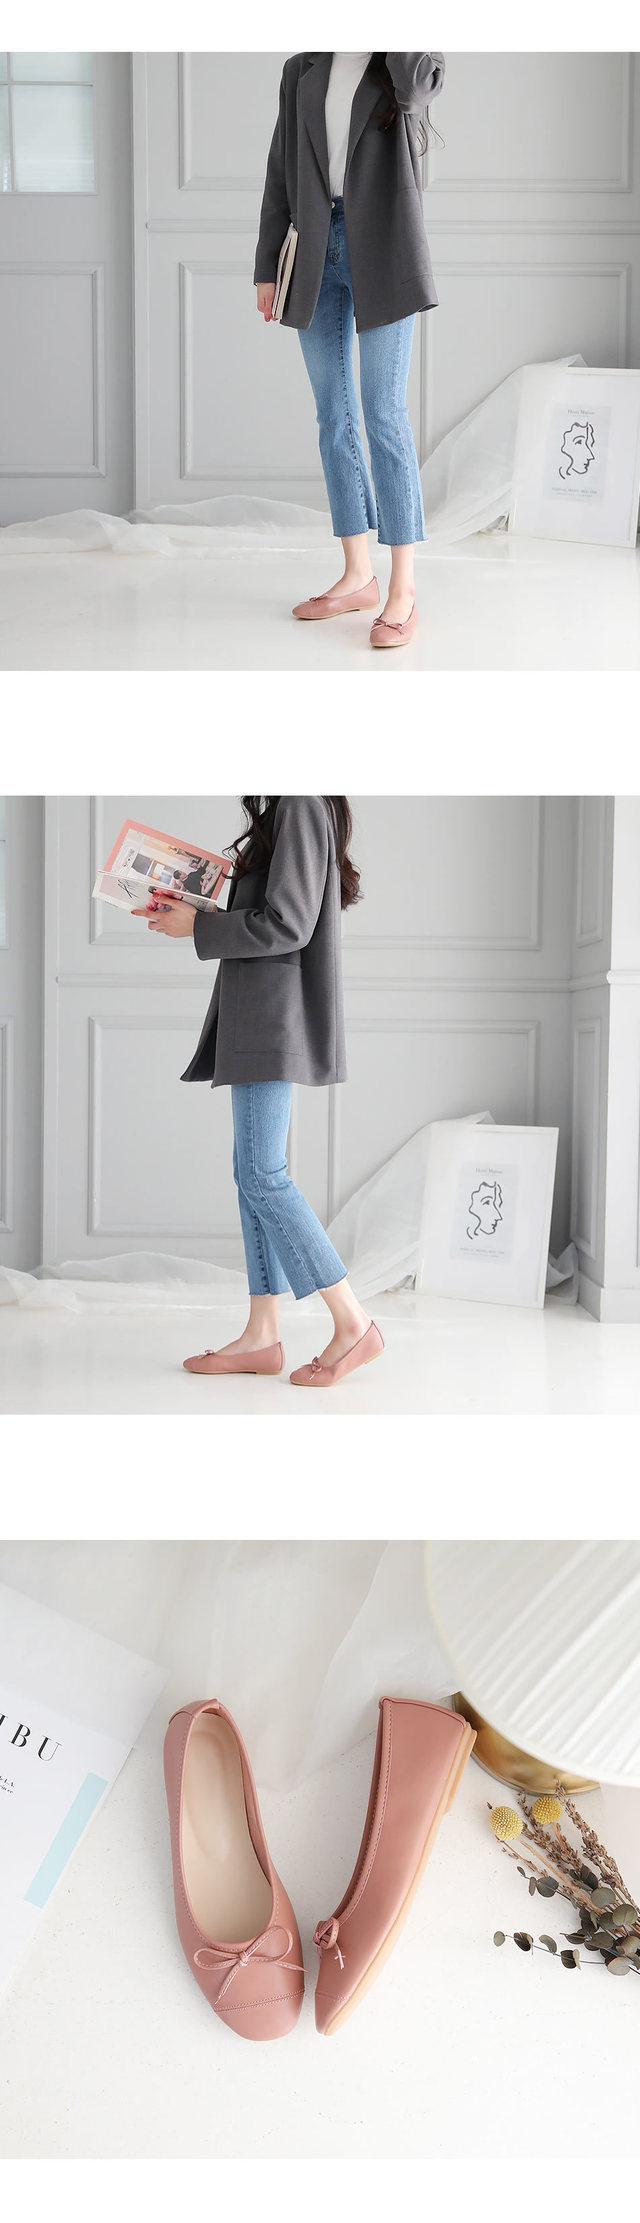 Celanz ribbon flat shoes 1cm